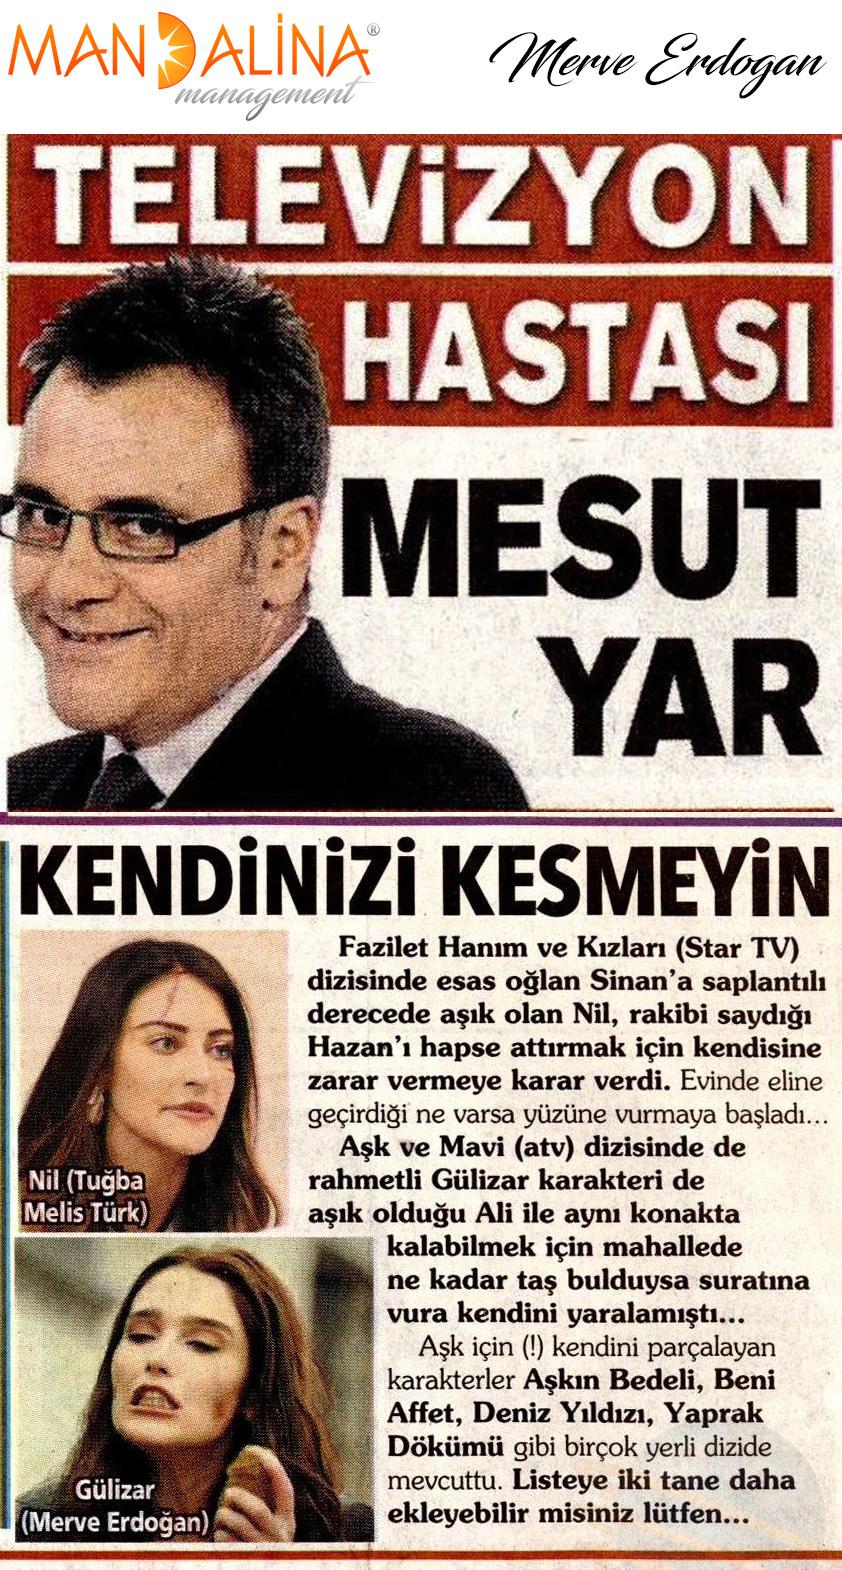 Merve Erdoğan - Posta Gazetesi Mesut Yar Köşe Yazısı